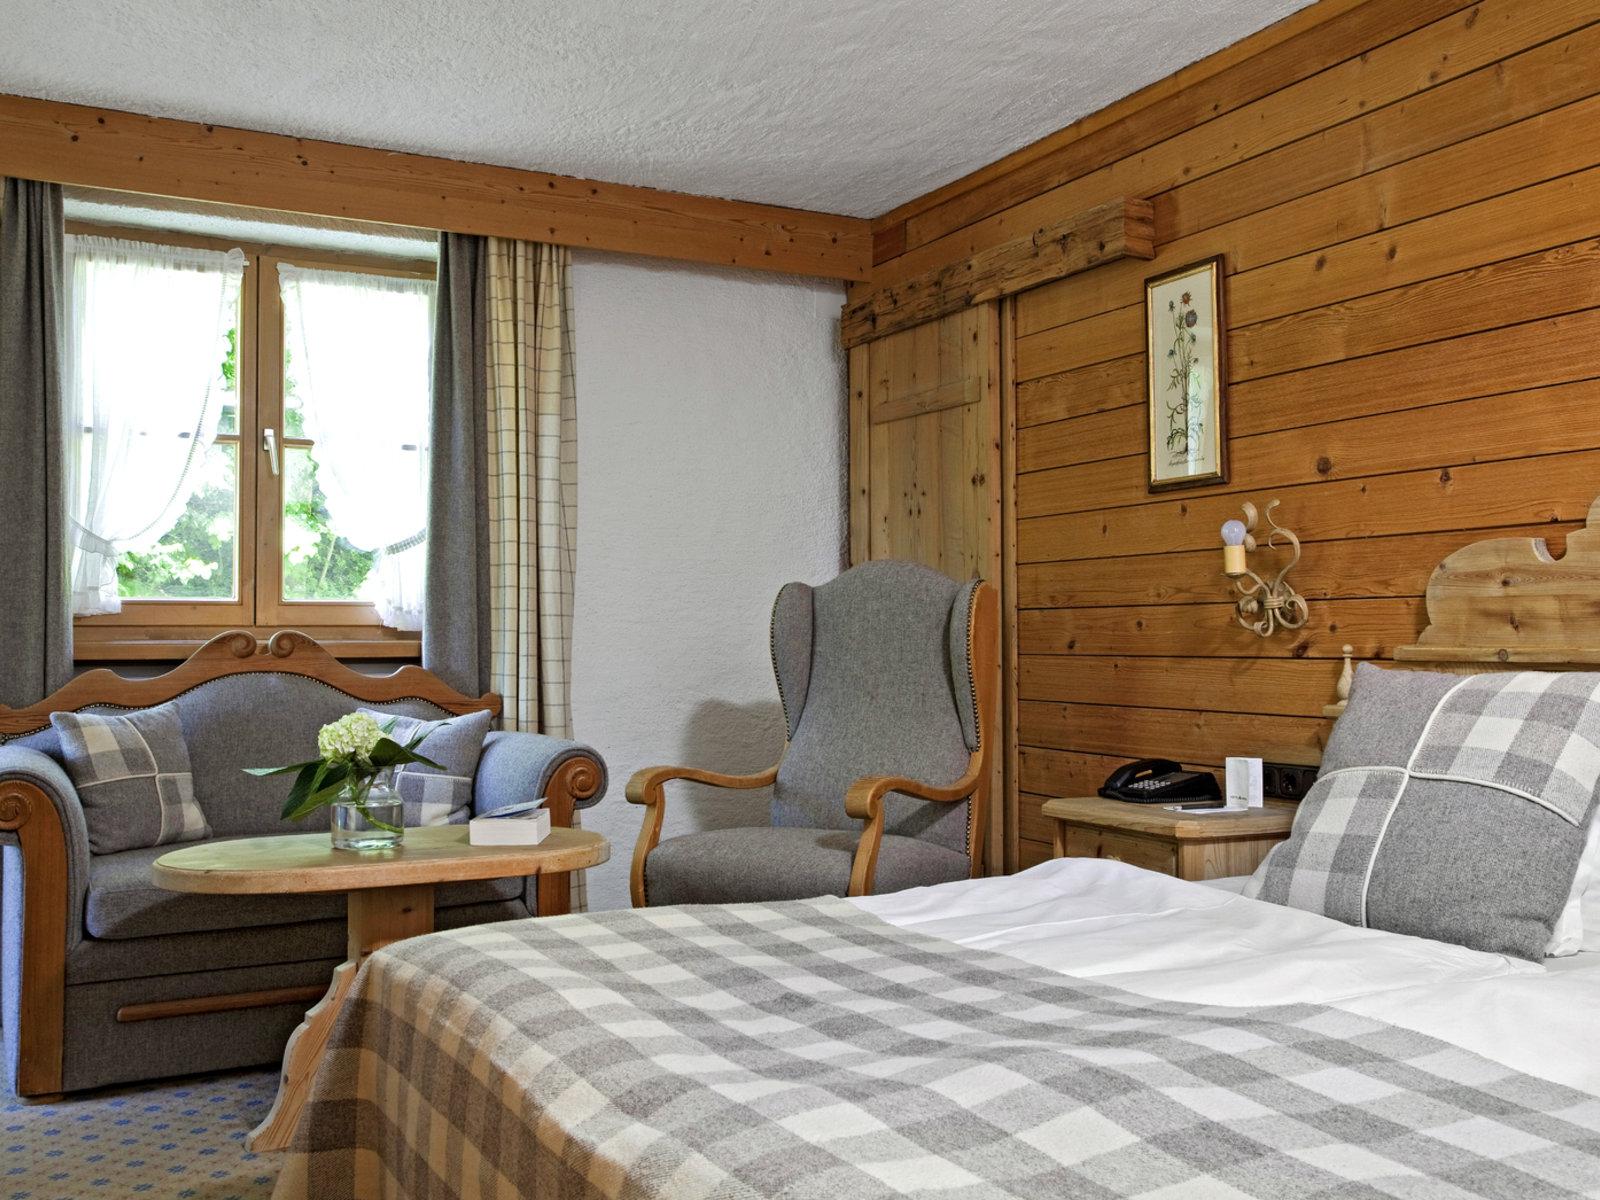 Wohnbeispiel Doppelzimmer Ornach